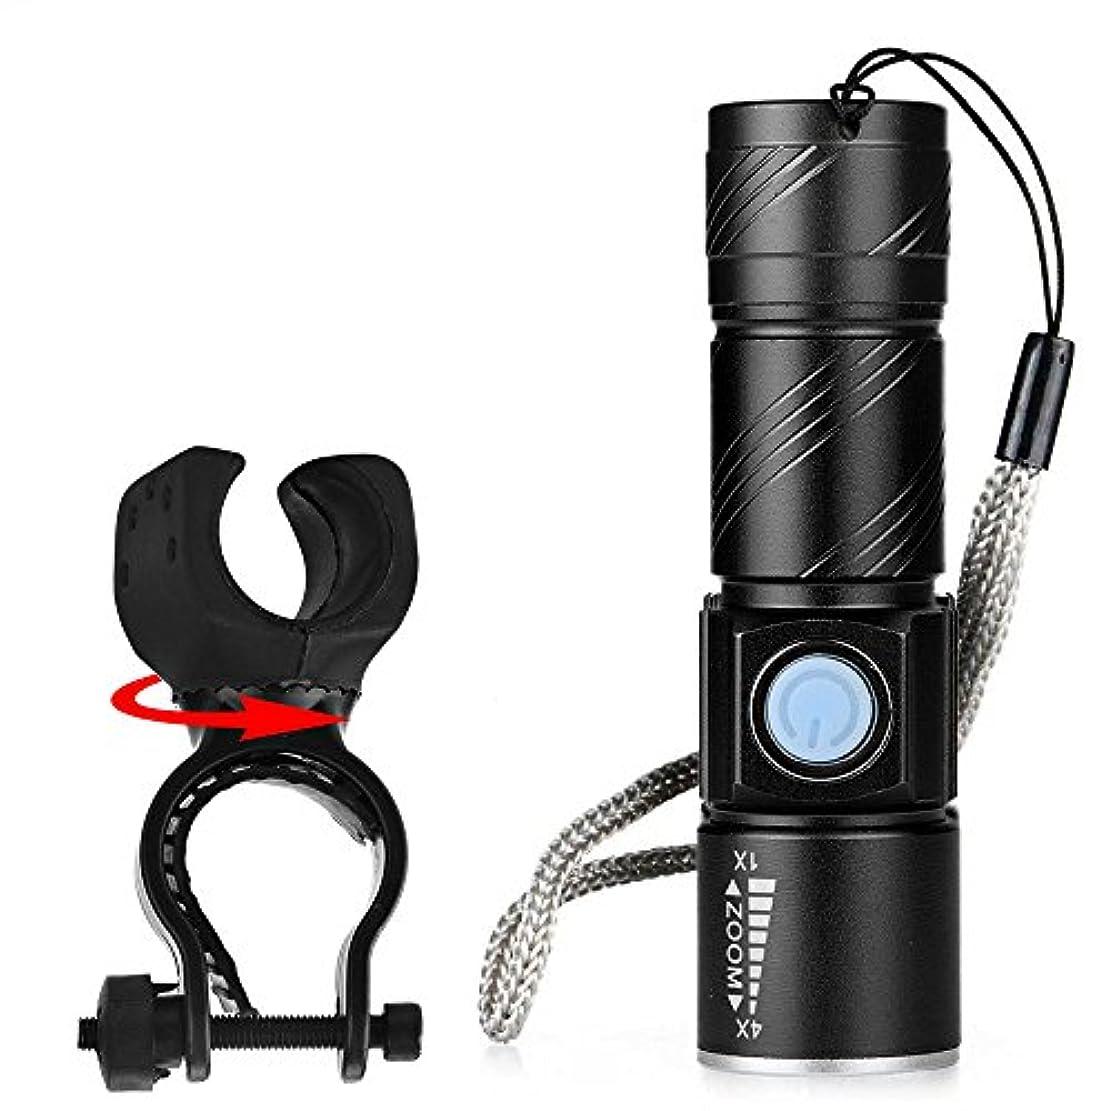 新年矛盾チャンバーRegoss (レジス) 懐中電灯 USB充電式 自転車懐中電灯1 XPG-R5 LED プロフェッショナル LED 自転車防水 +ホルダー 3モード アルミニウム合金 耐久性 ミニUSB充電、強い光 特徴COBは、 高輝度 省エネルギー 軽量で、使いやすく持ち運びが簡単です ストレート プラスチック 狩猟、サイクリング、登山、キャンプ、旅行、野外活動